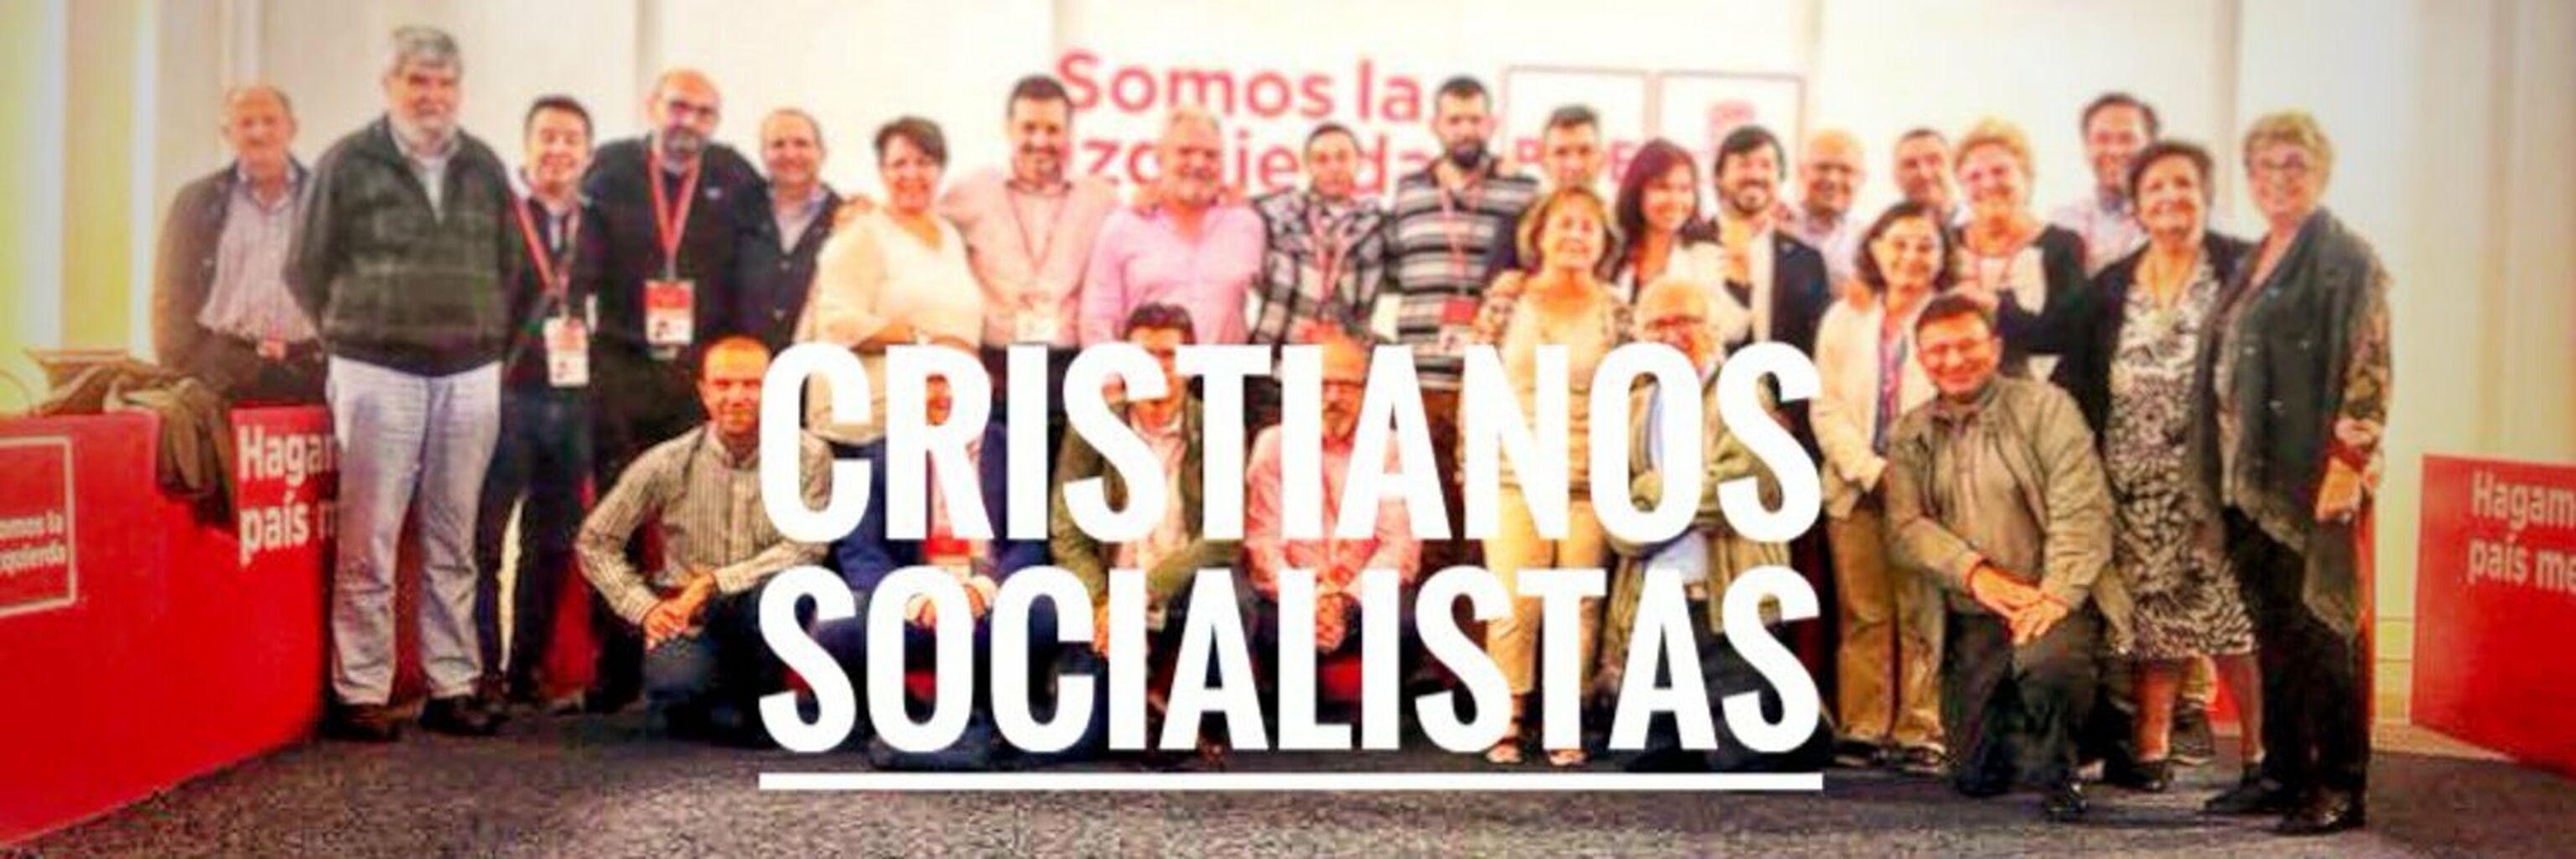 Cristianos Socialistas